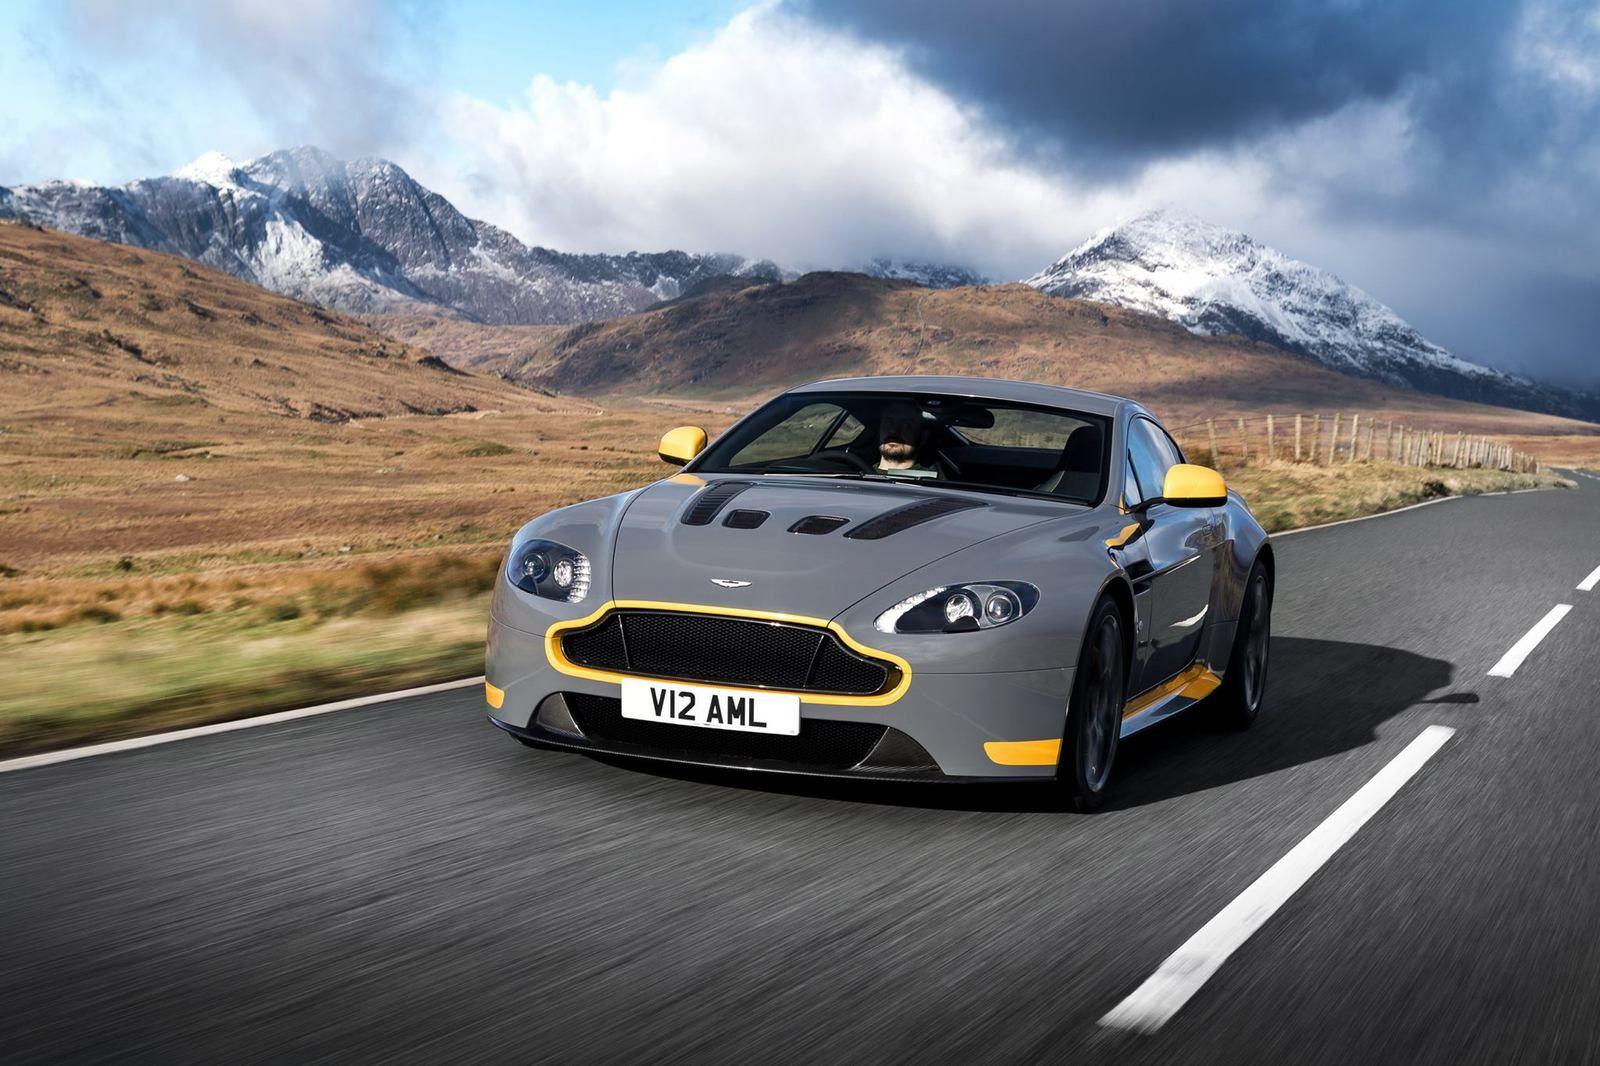 Aston Martin V12 Vantage S BVM7